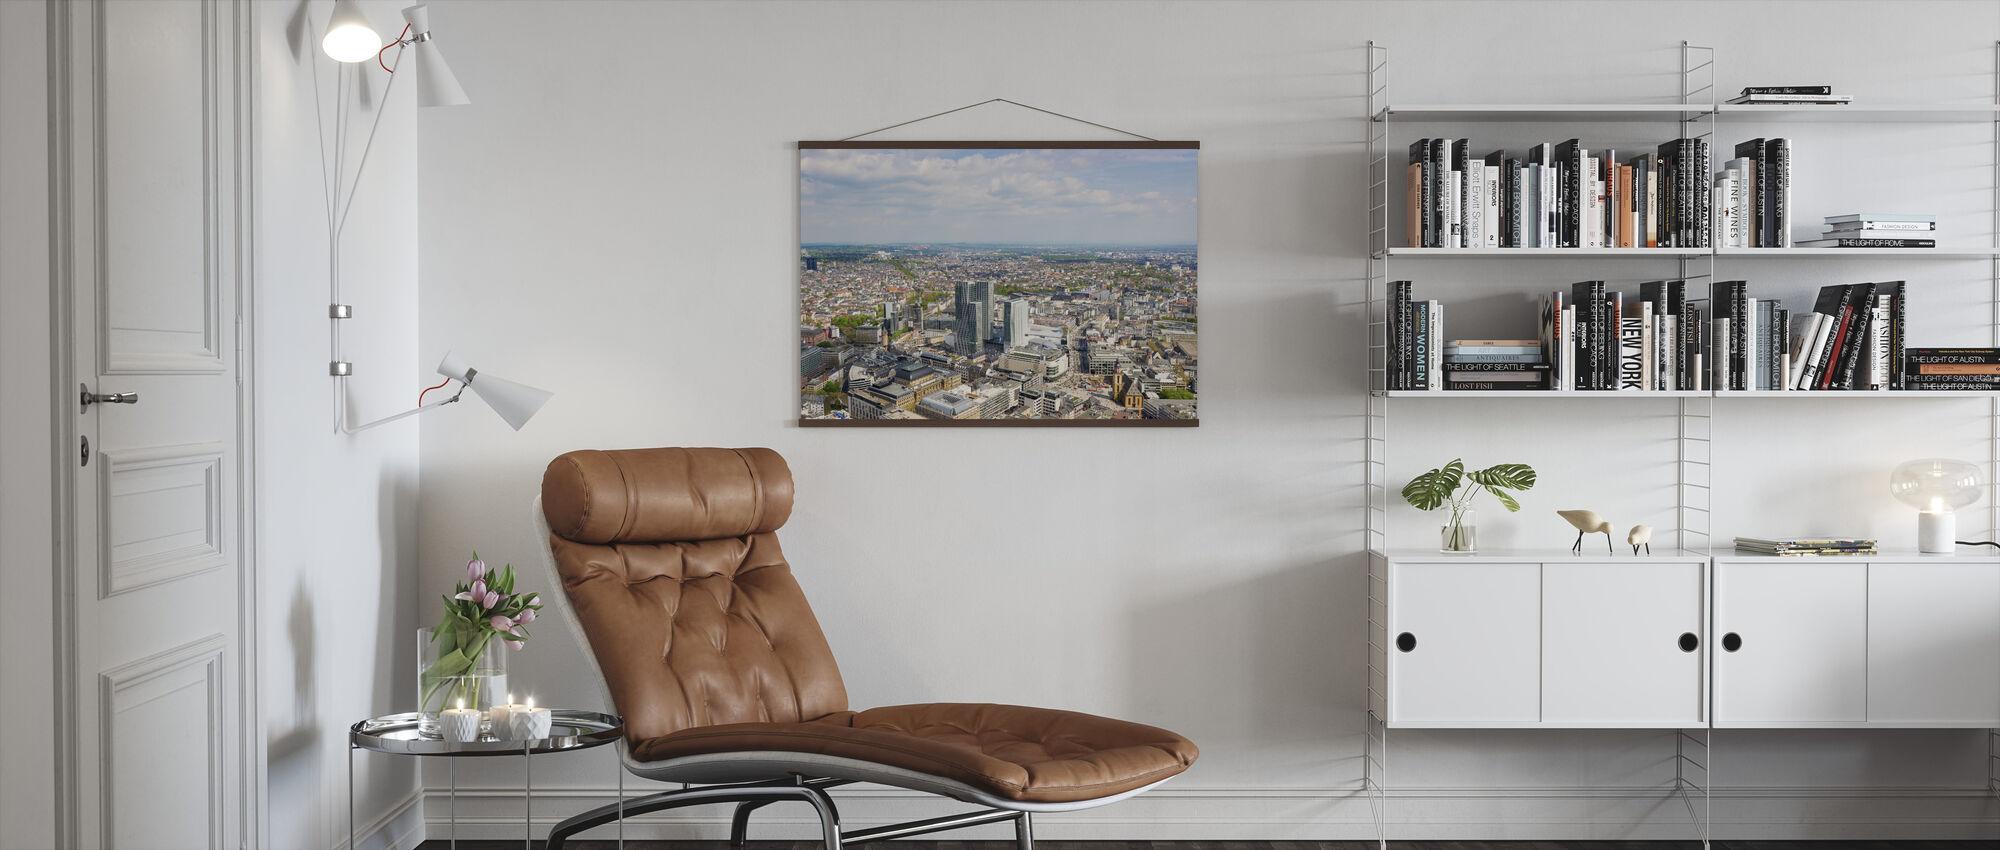 Frankfurt under Pale Blue Sky - Poster - Living Room